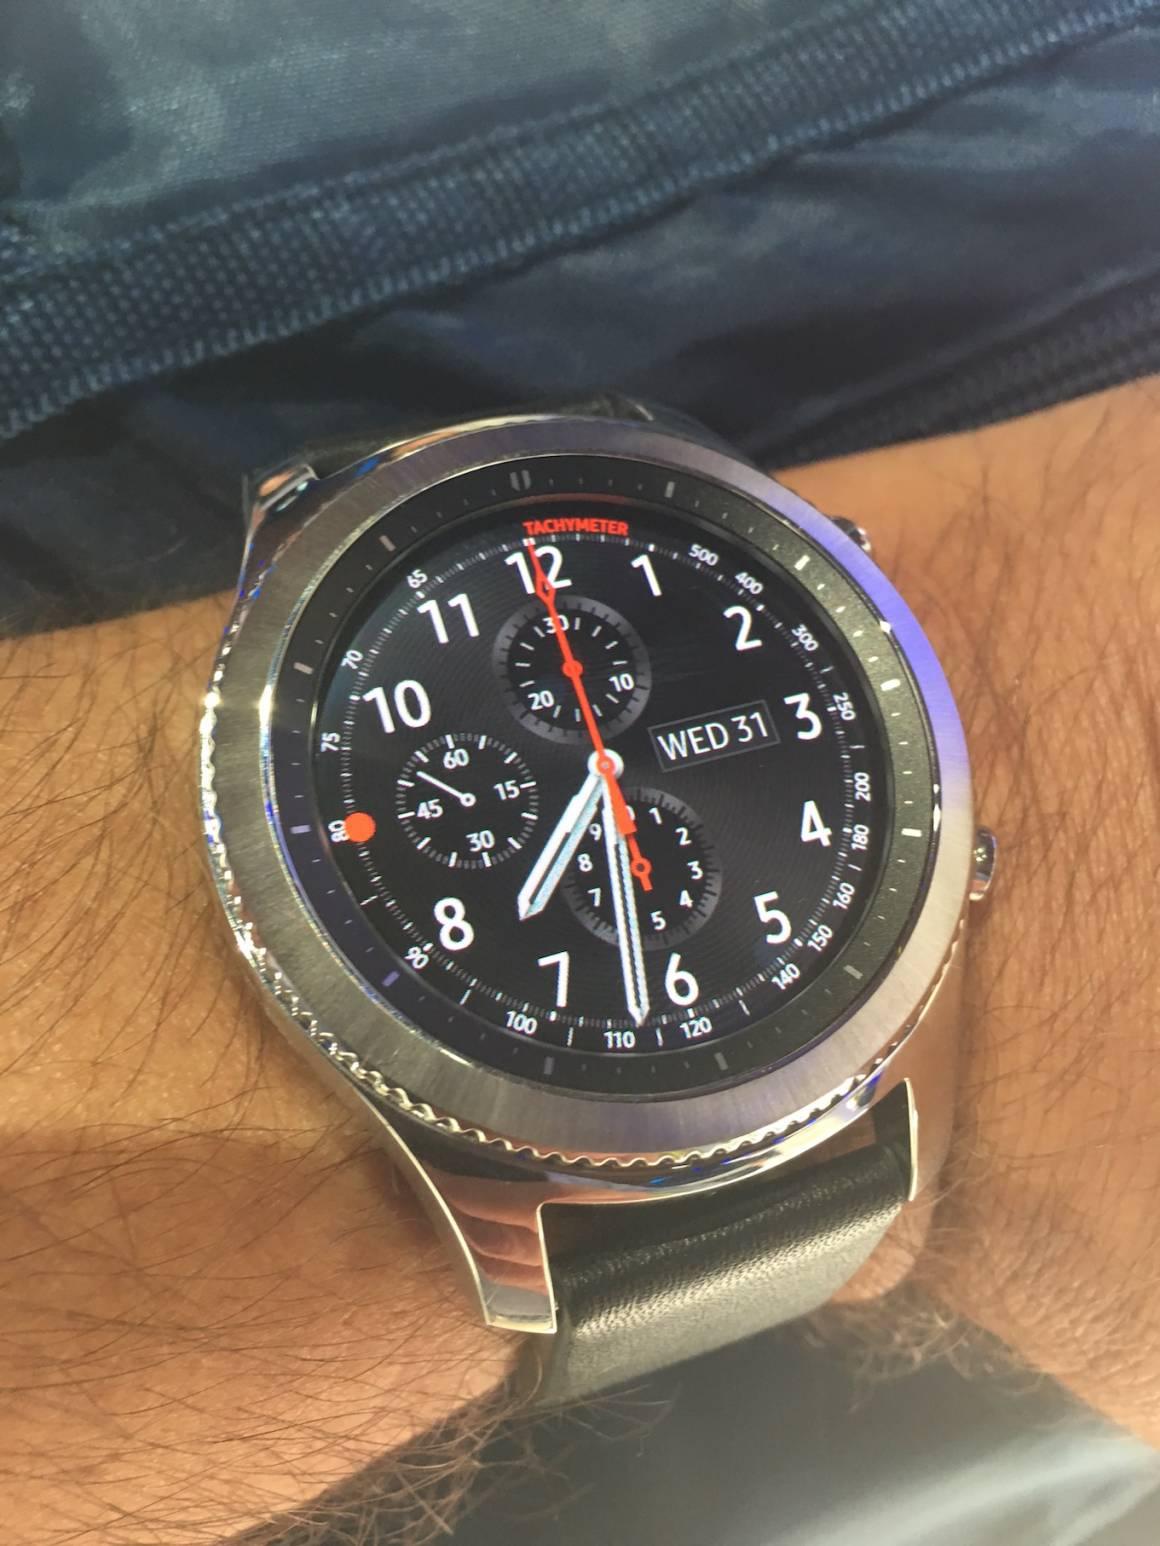 Samsung lancia Gear 3 lo smartwatch sempre acceso che dura 3 giorni 1160x1546 - Samsung lancia Gear 3 lo smartwatch sempre acceso e che dura 3 giorni